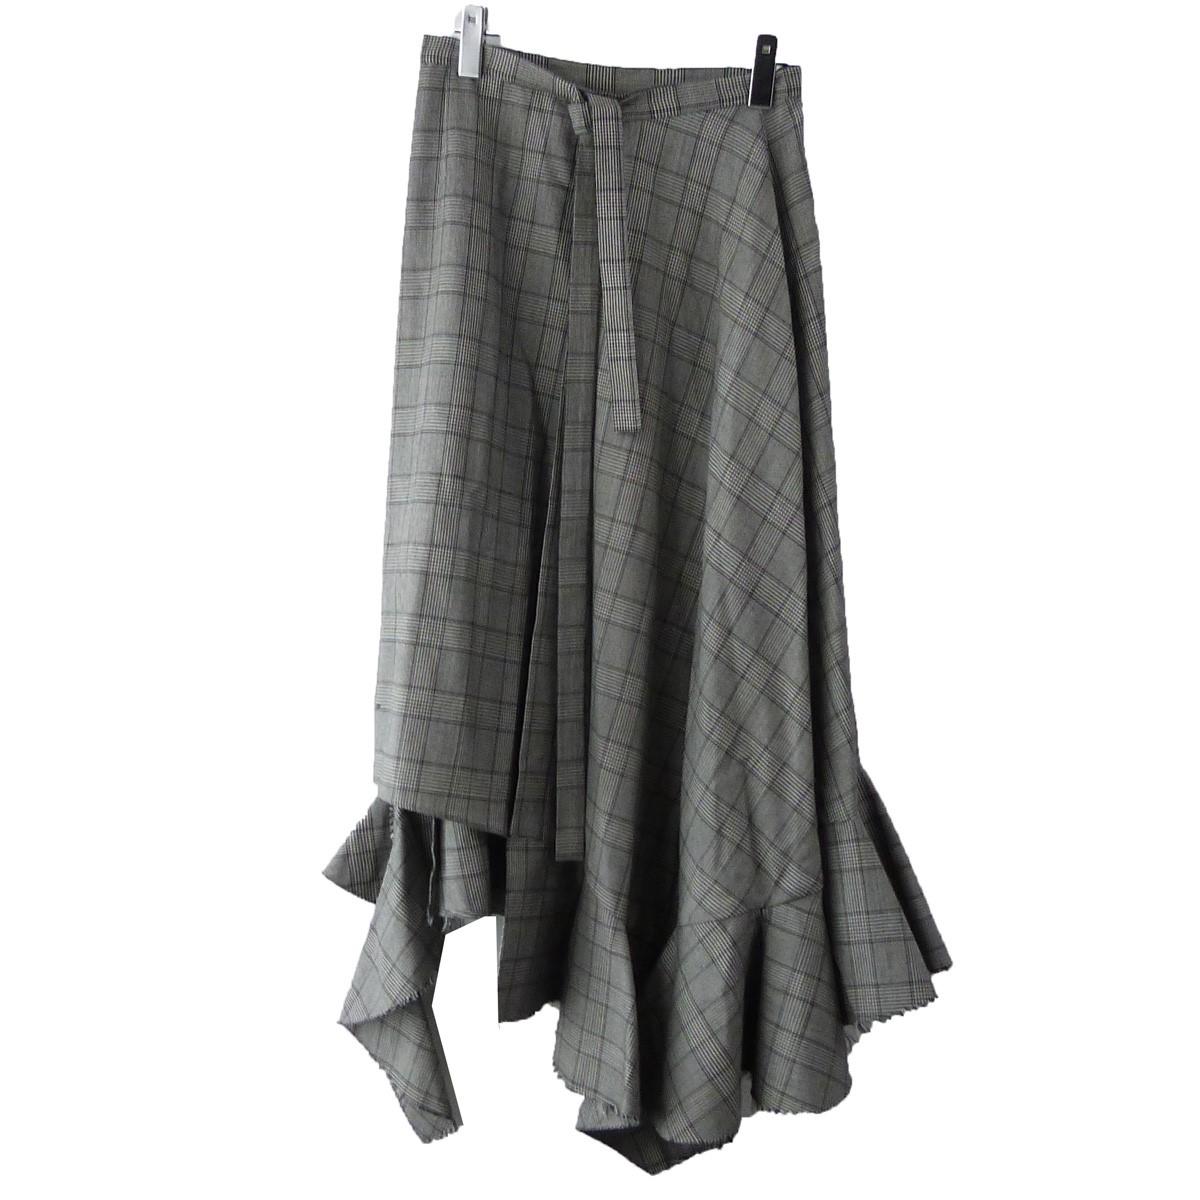 【中古】IRENE 18AW 「Check Asymmetric Skirt」チャックアシンメトリースカート グレー サイズ:38 【080320】(アイレネ)